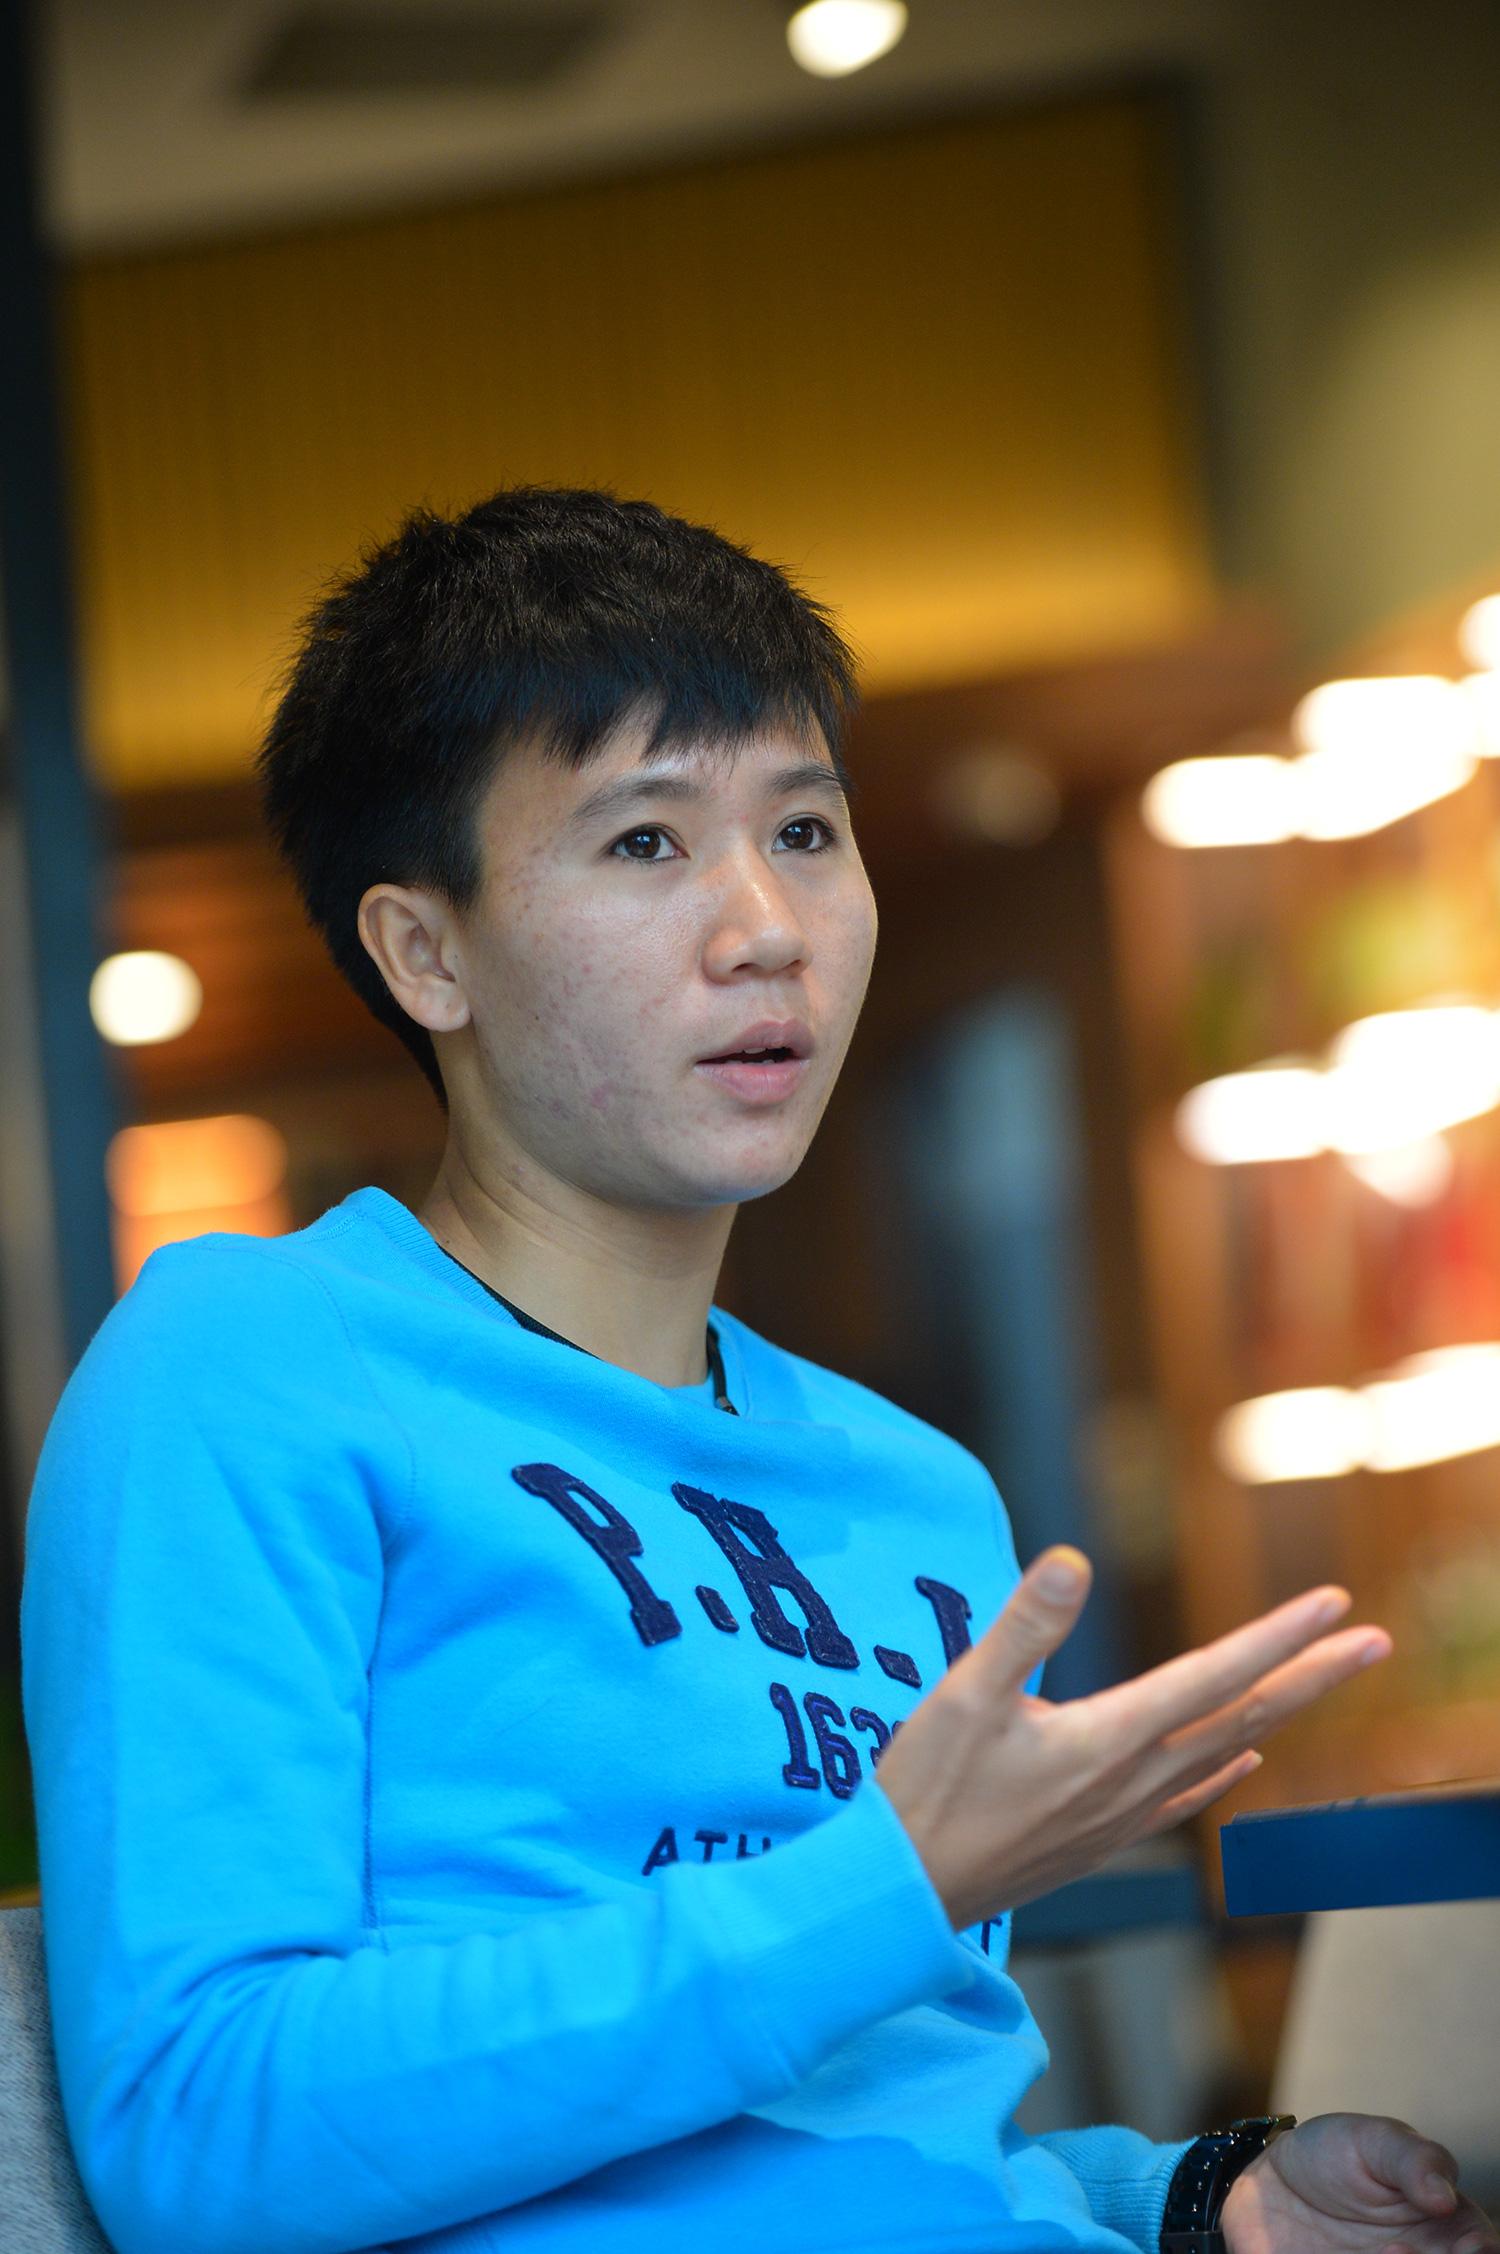 """Tuyết Dung - cô gái """"vàng"""" ôm giấc mơ World Cup của tuyển nữ Việt Nam: """"Đã lên sân là chiến đấu quên mình rồi!"""" - Ảnh 4."""